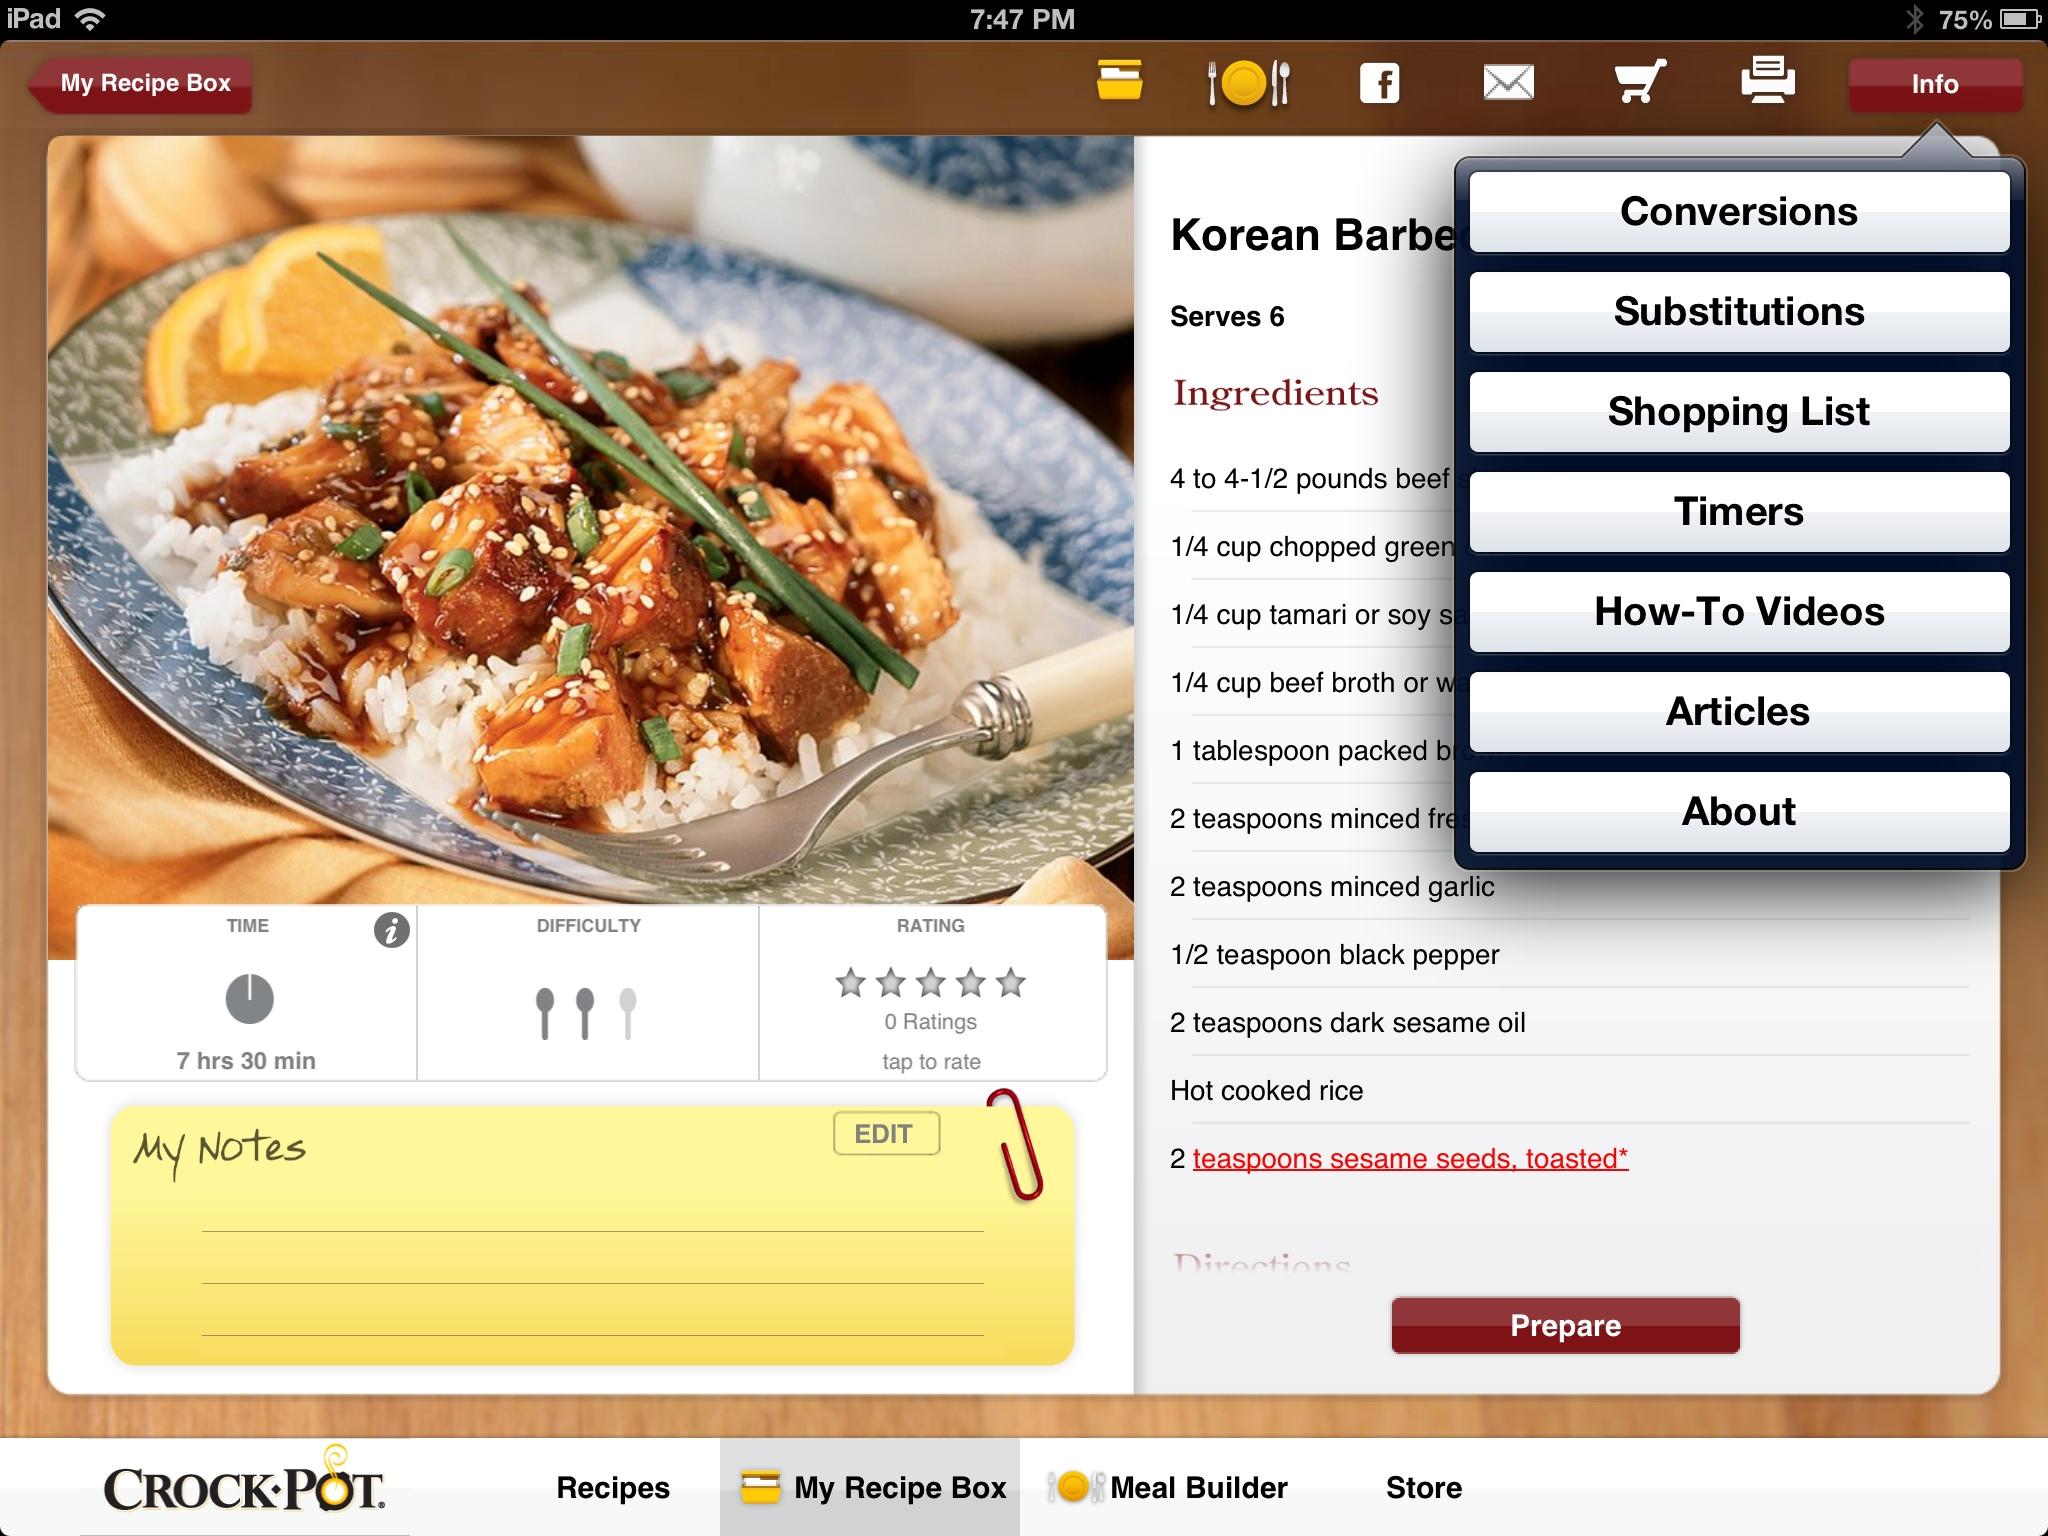 Crock pot recipe app review geardiary geardiary crock pot recipe app review forumfinder Images